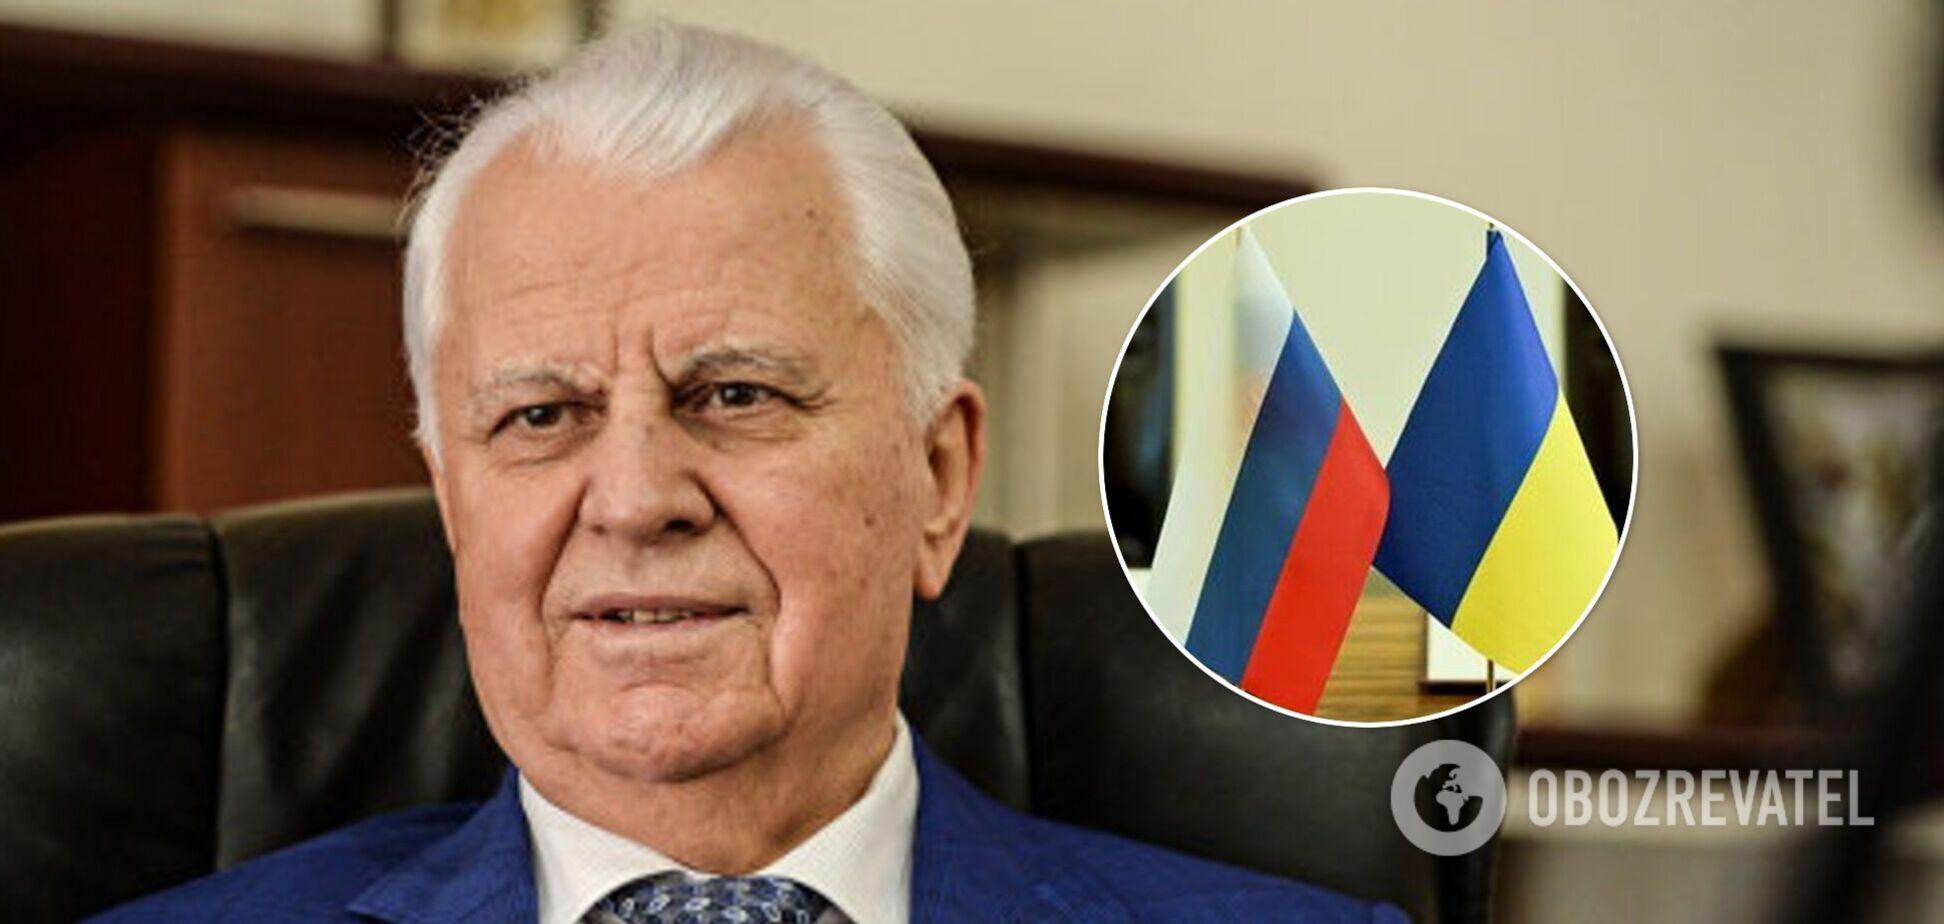 Кравчук заговорив про відновлення стосунків Москви і Києва та назвав умови